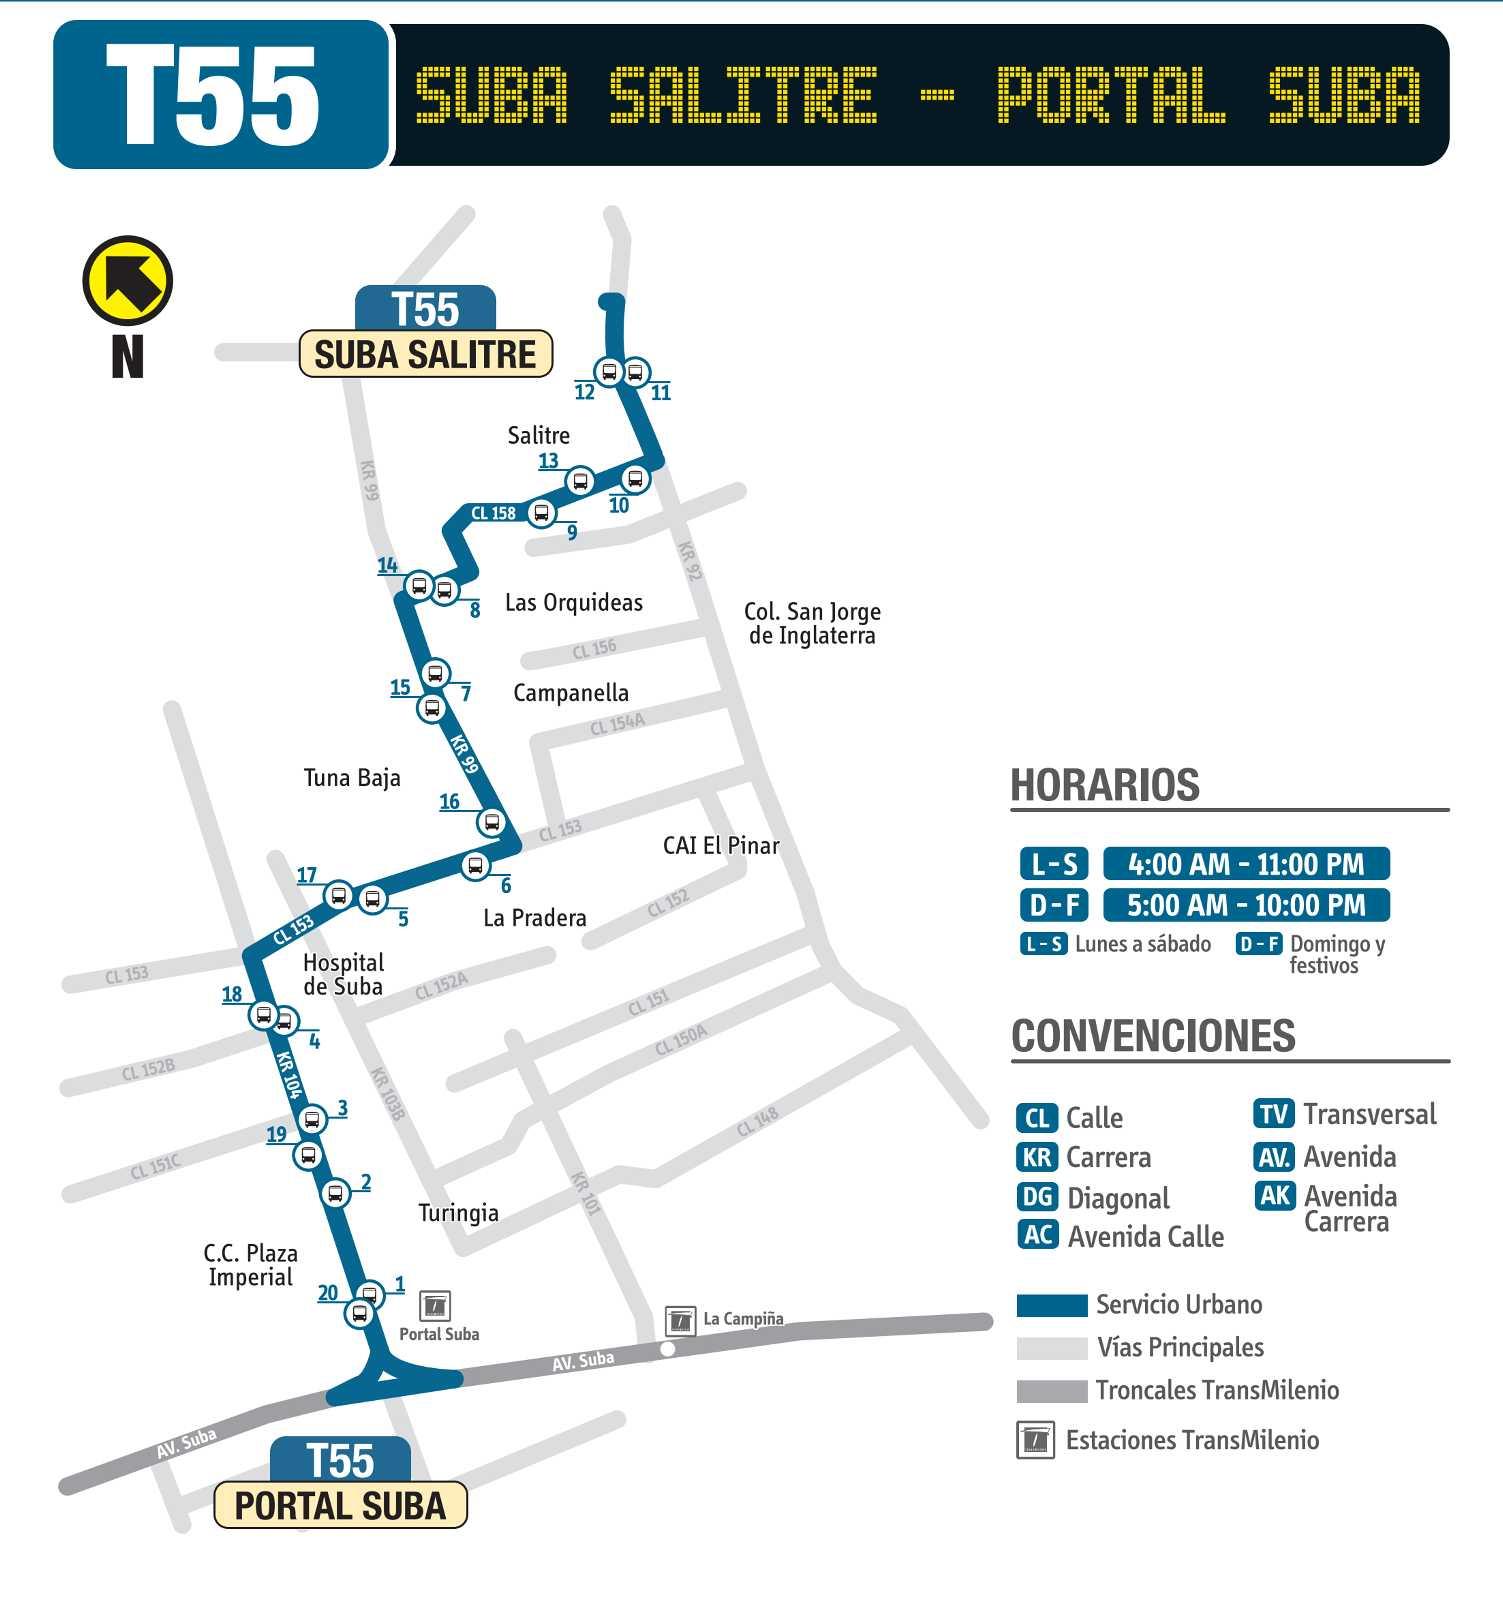 Ruta SITP: T55 > Suba Salitre – Portal Suba (mapa)